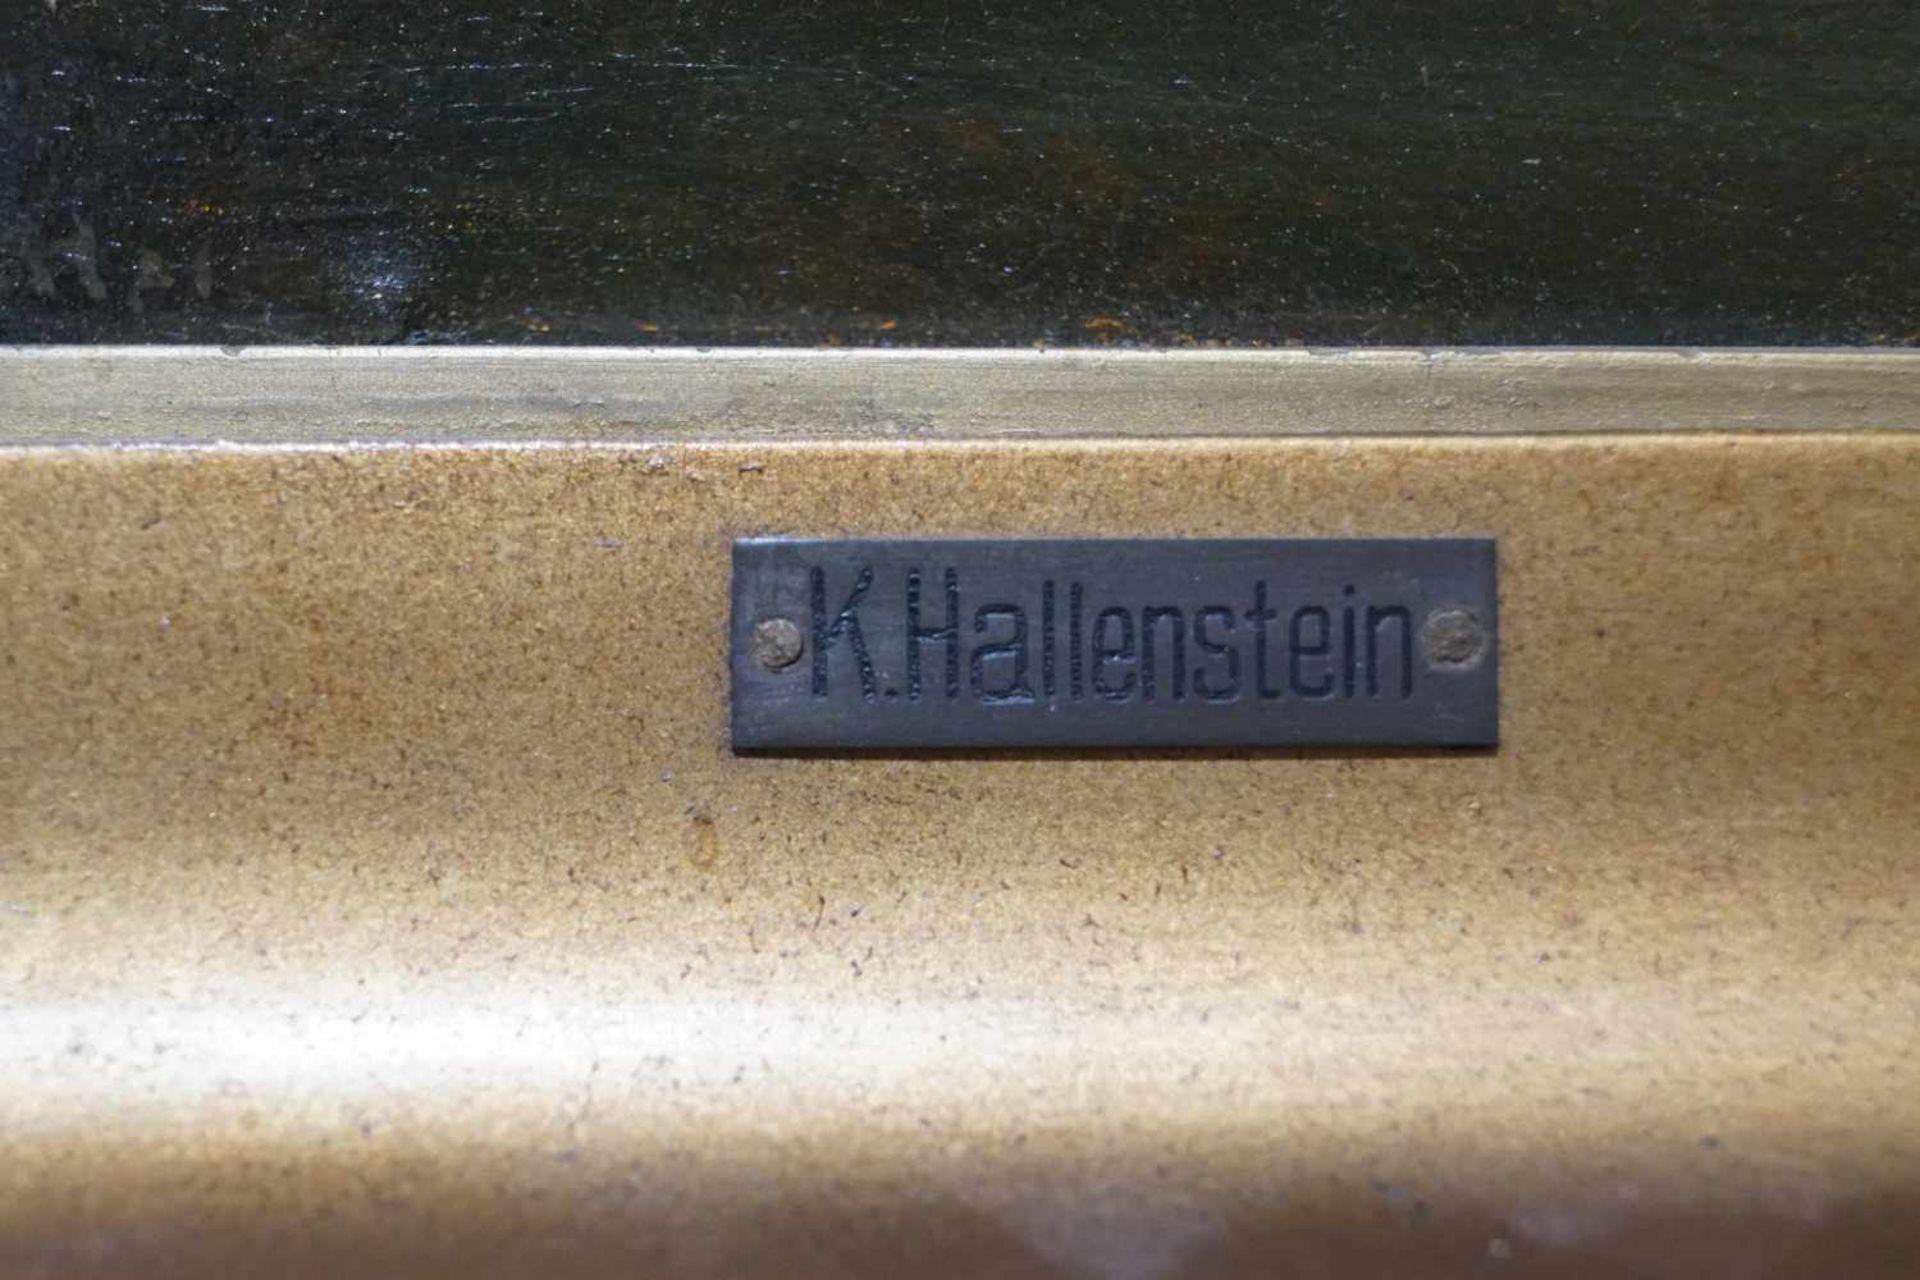 Zwei kleine Mondscheinlandschaften Konrad Hallenstein, Öl auf Karton, gerahmt, Höhe 21,5 cm x Breite - Bild 4 aus 6